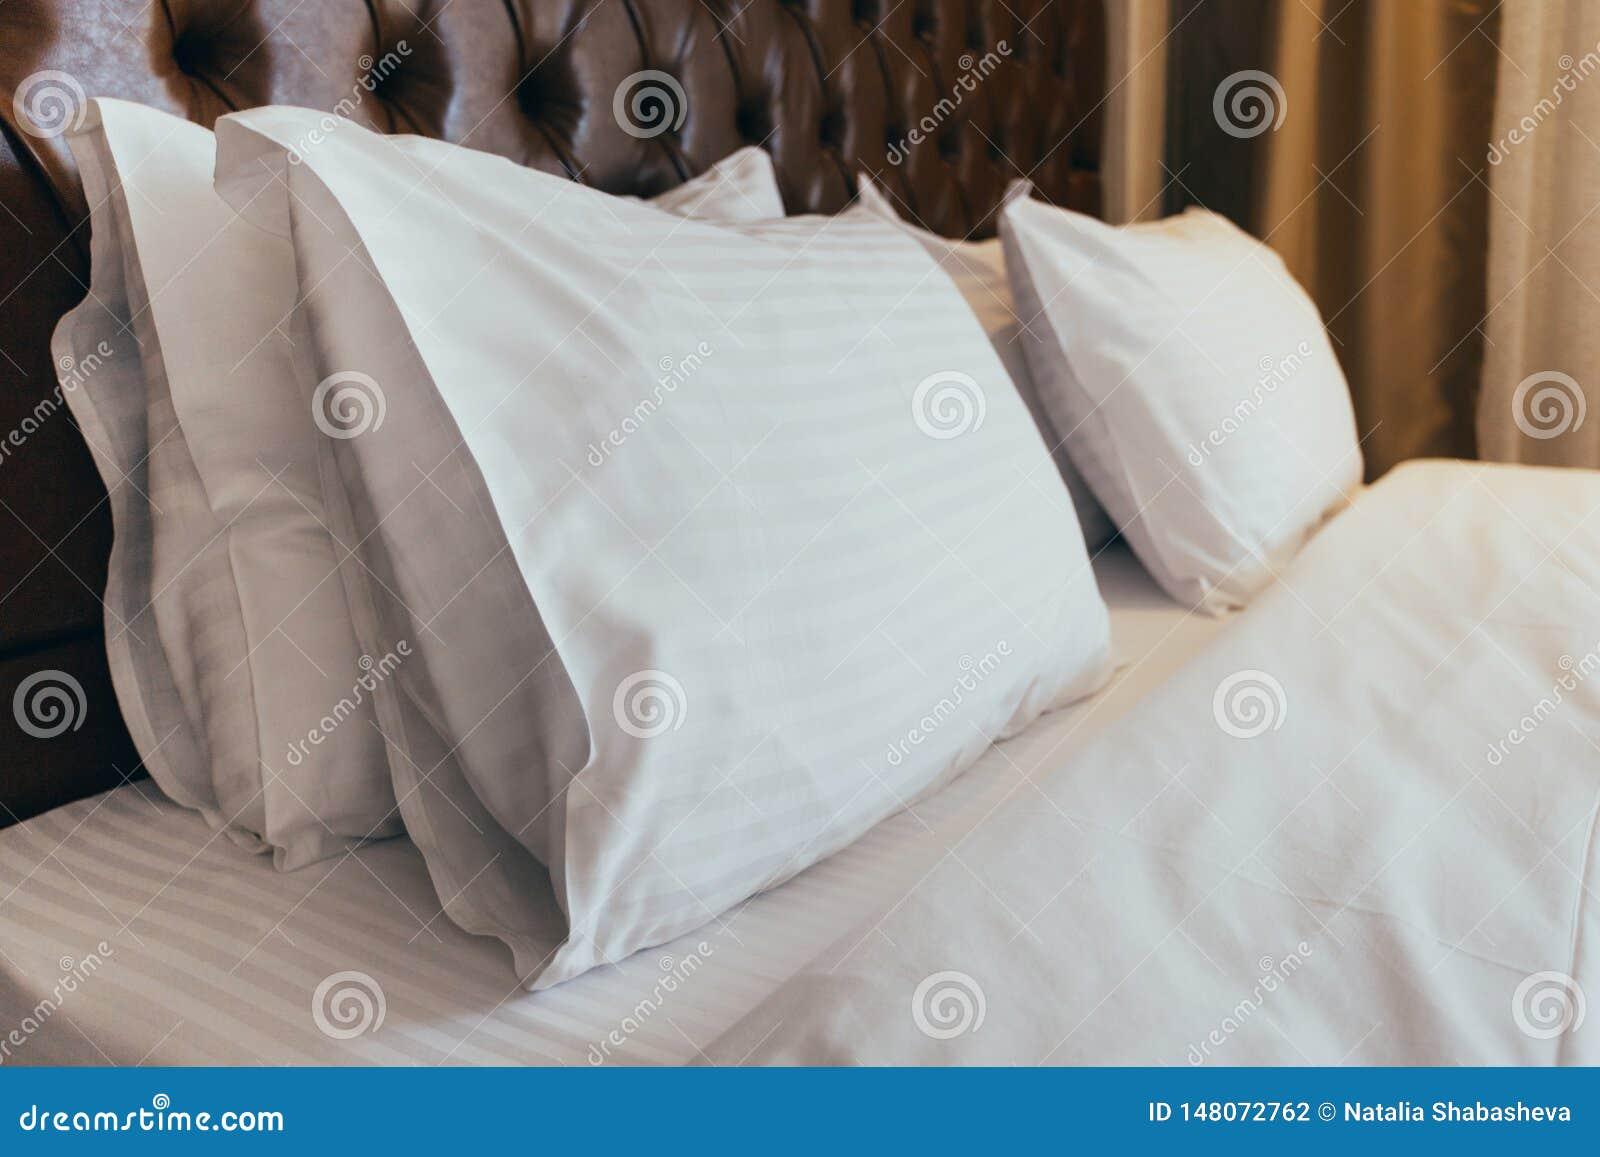 Descansos macios confort?veis na cama Folhas e descanso brancos do fundamento do close-up no fundo claro da sala da parede Concei